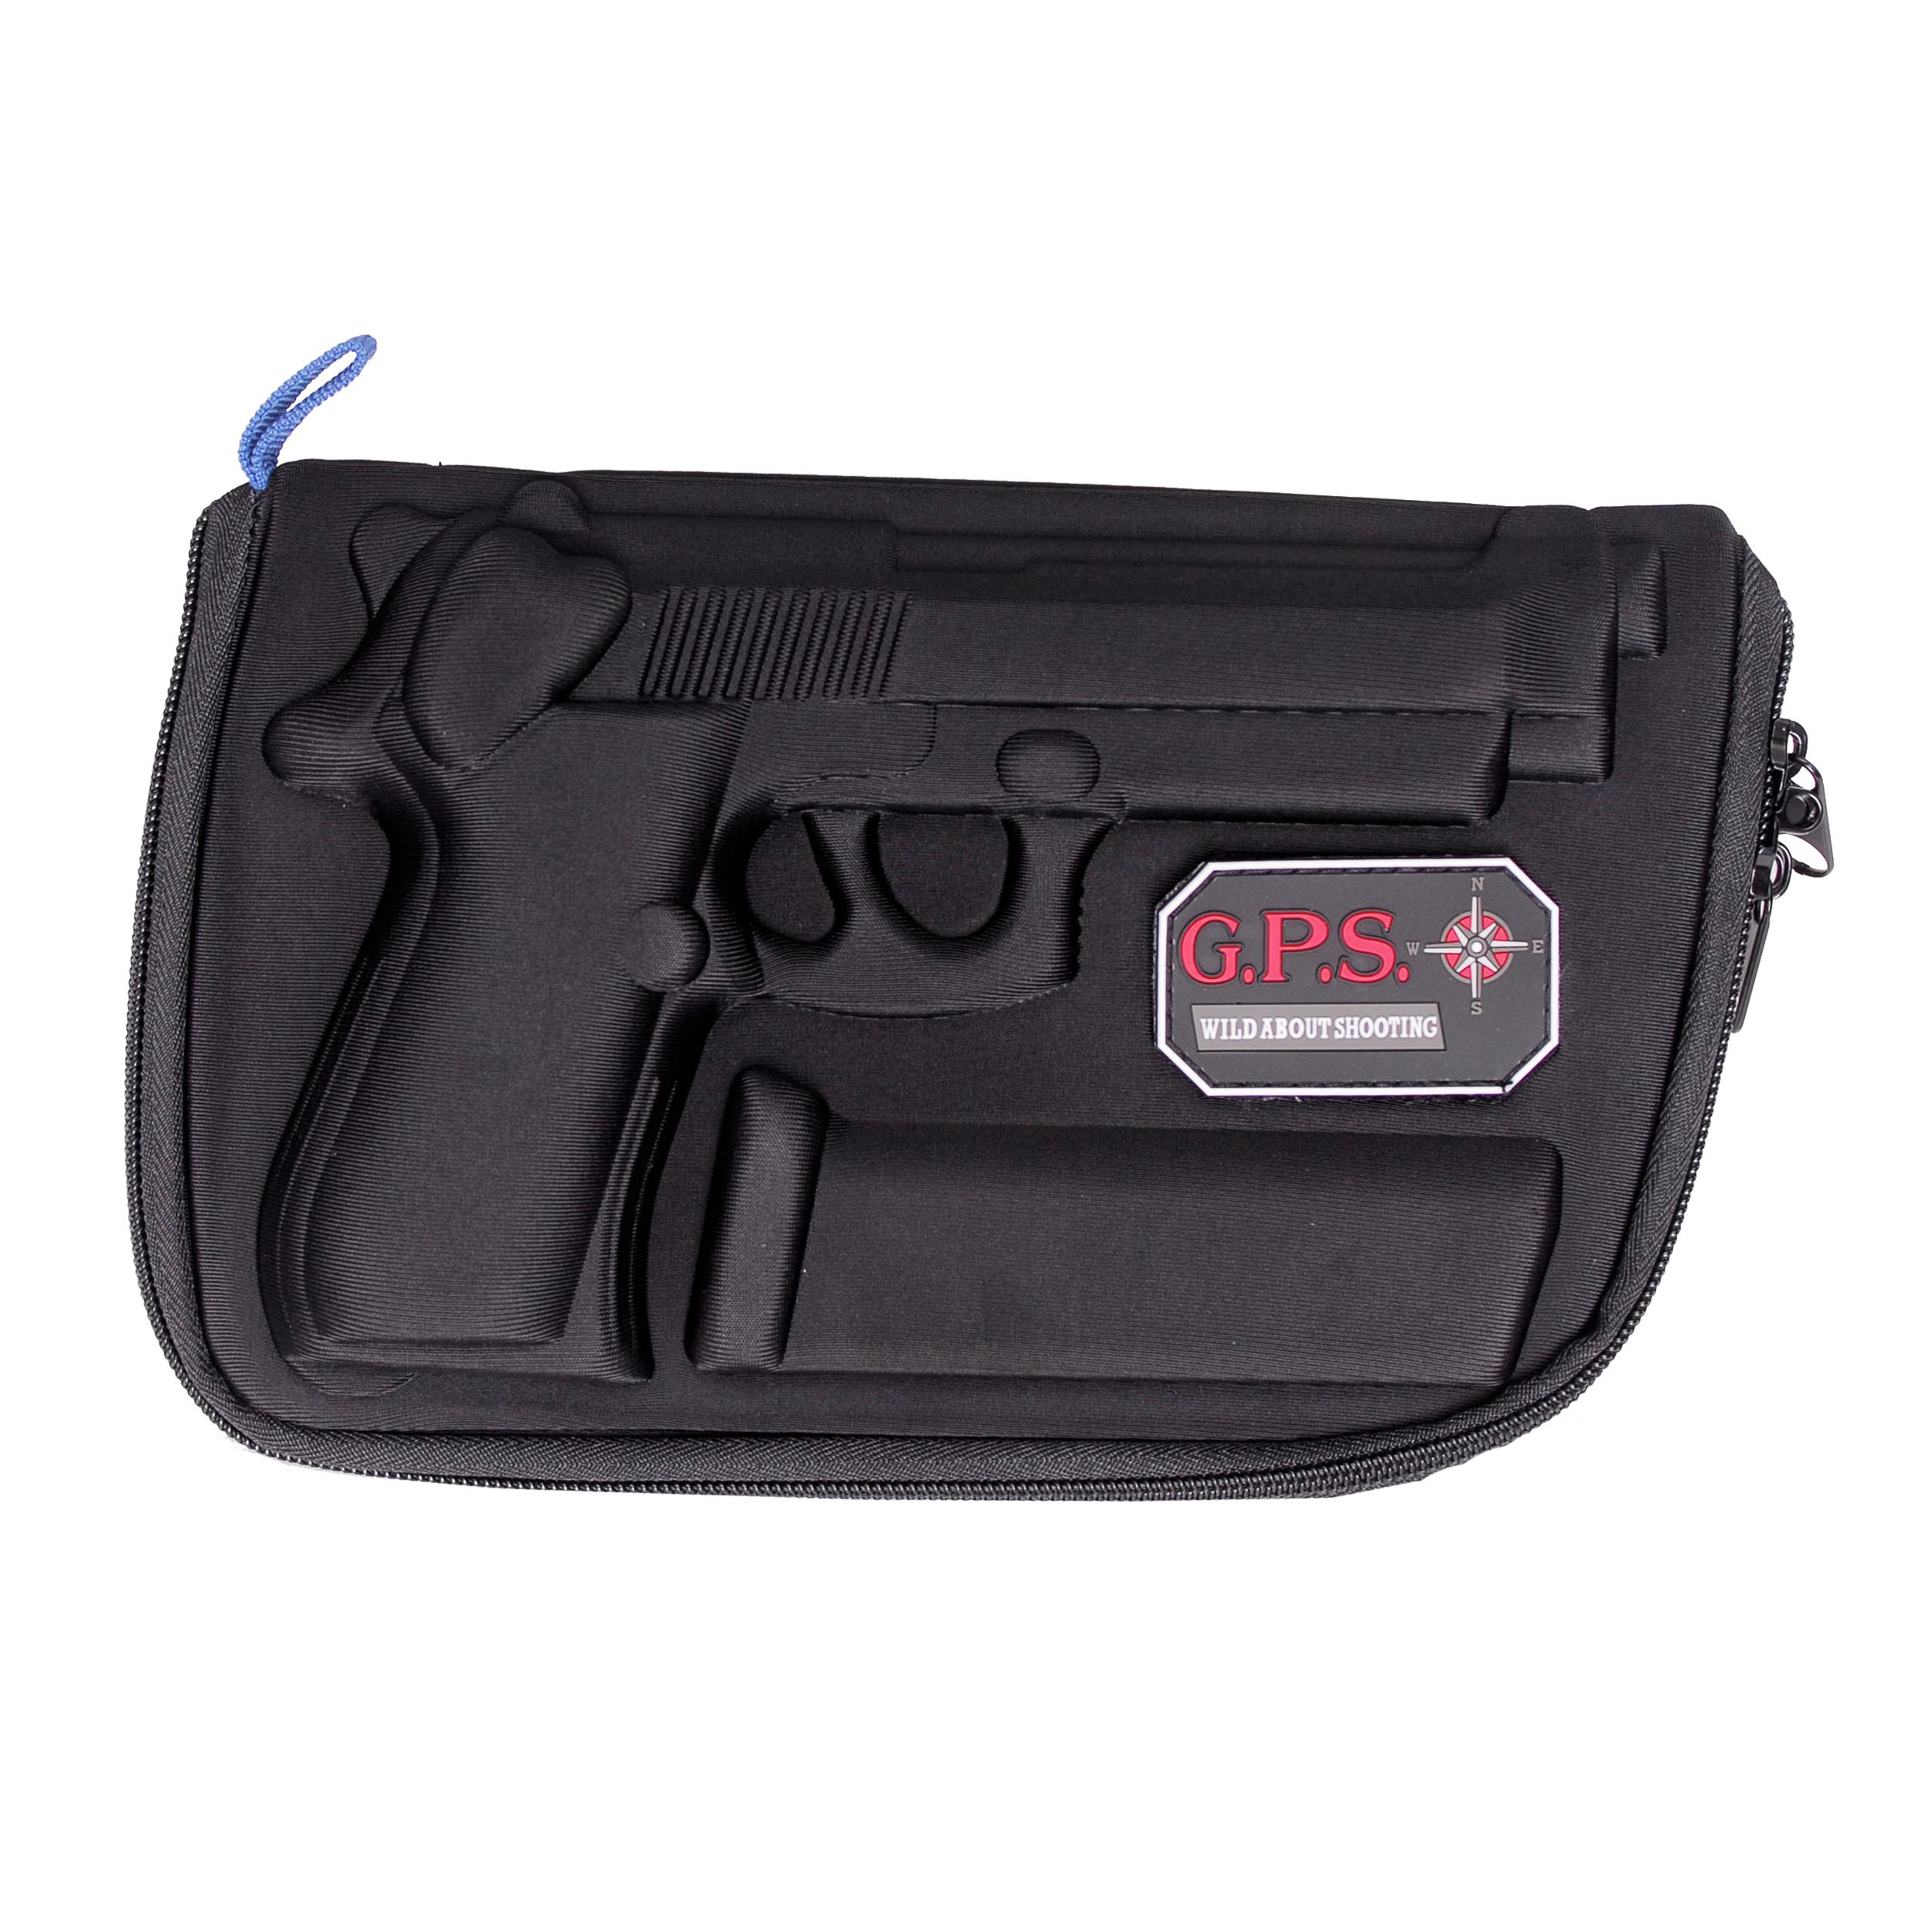 GPS Compression Molded Pistol Case - Beretta 92 96 Pistols